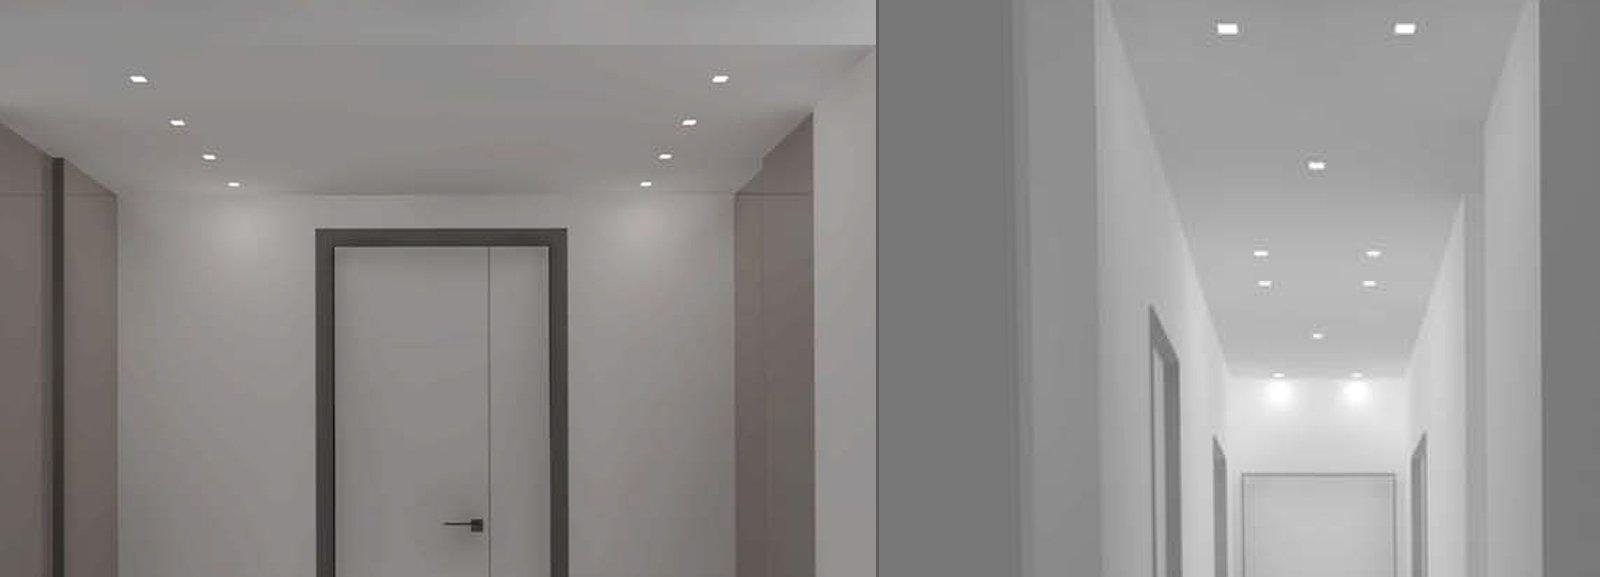 Faretti Per Corridoio: Faretto-box-led-bianco-con-1-qr111 ...